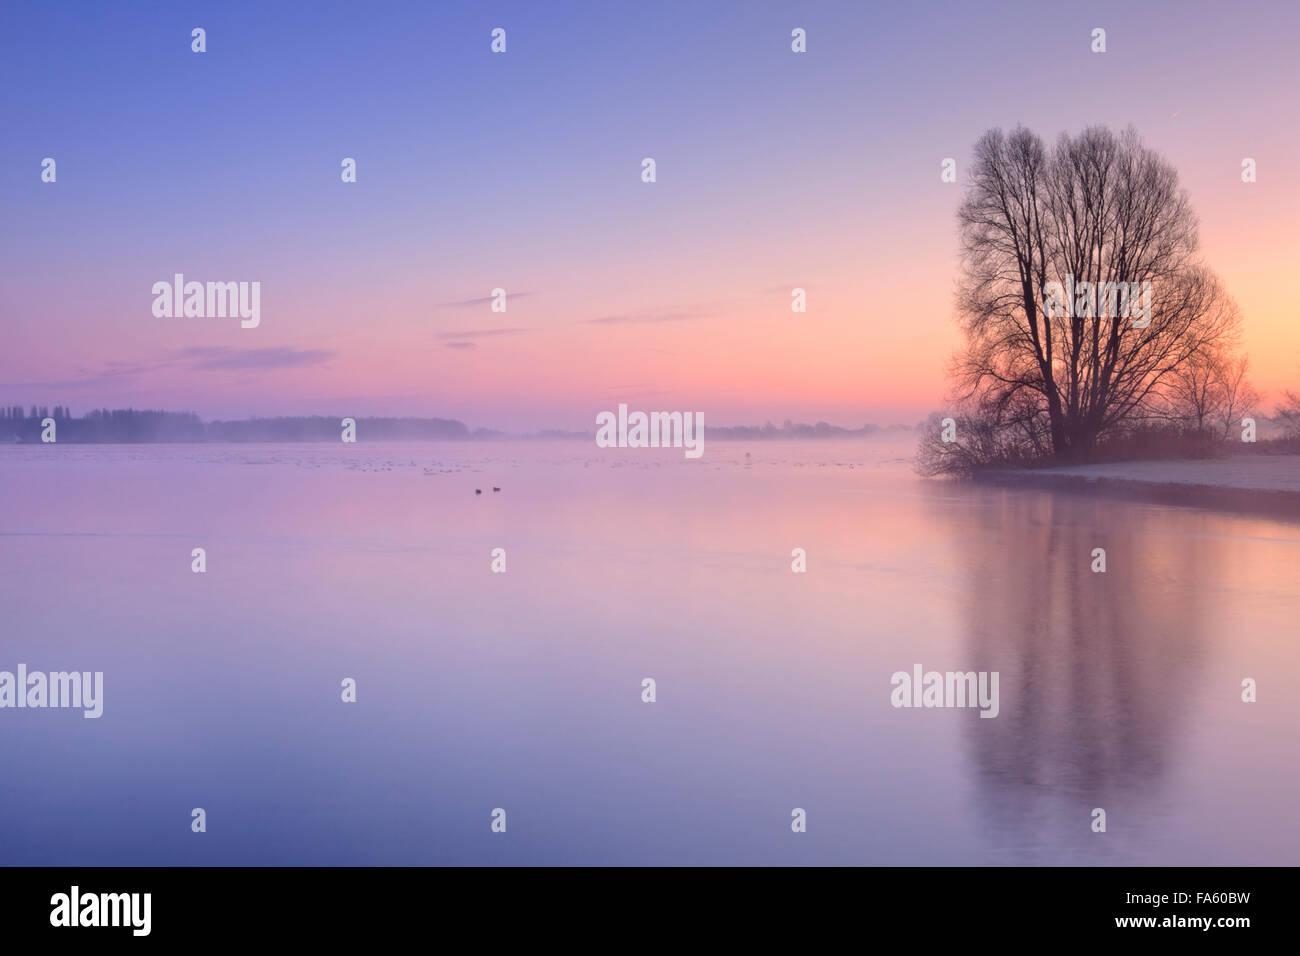 Un árbol en la orilla de un lago, que se refleja en el agua. Fotografiado en una fría mañana de invierno Imagen De Stock